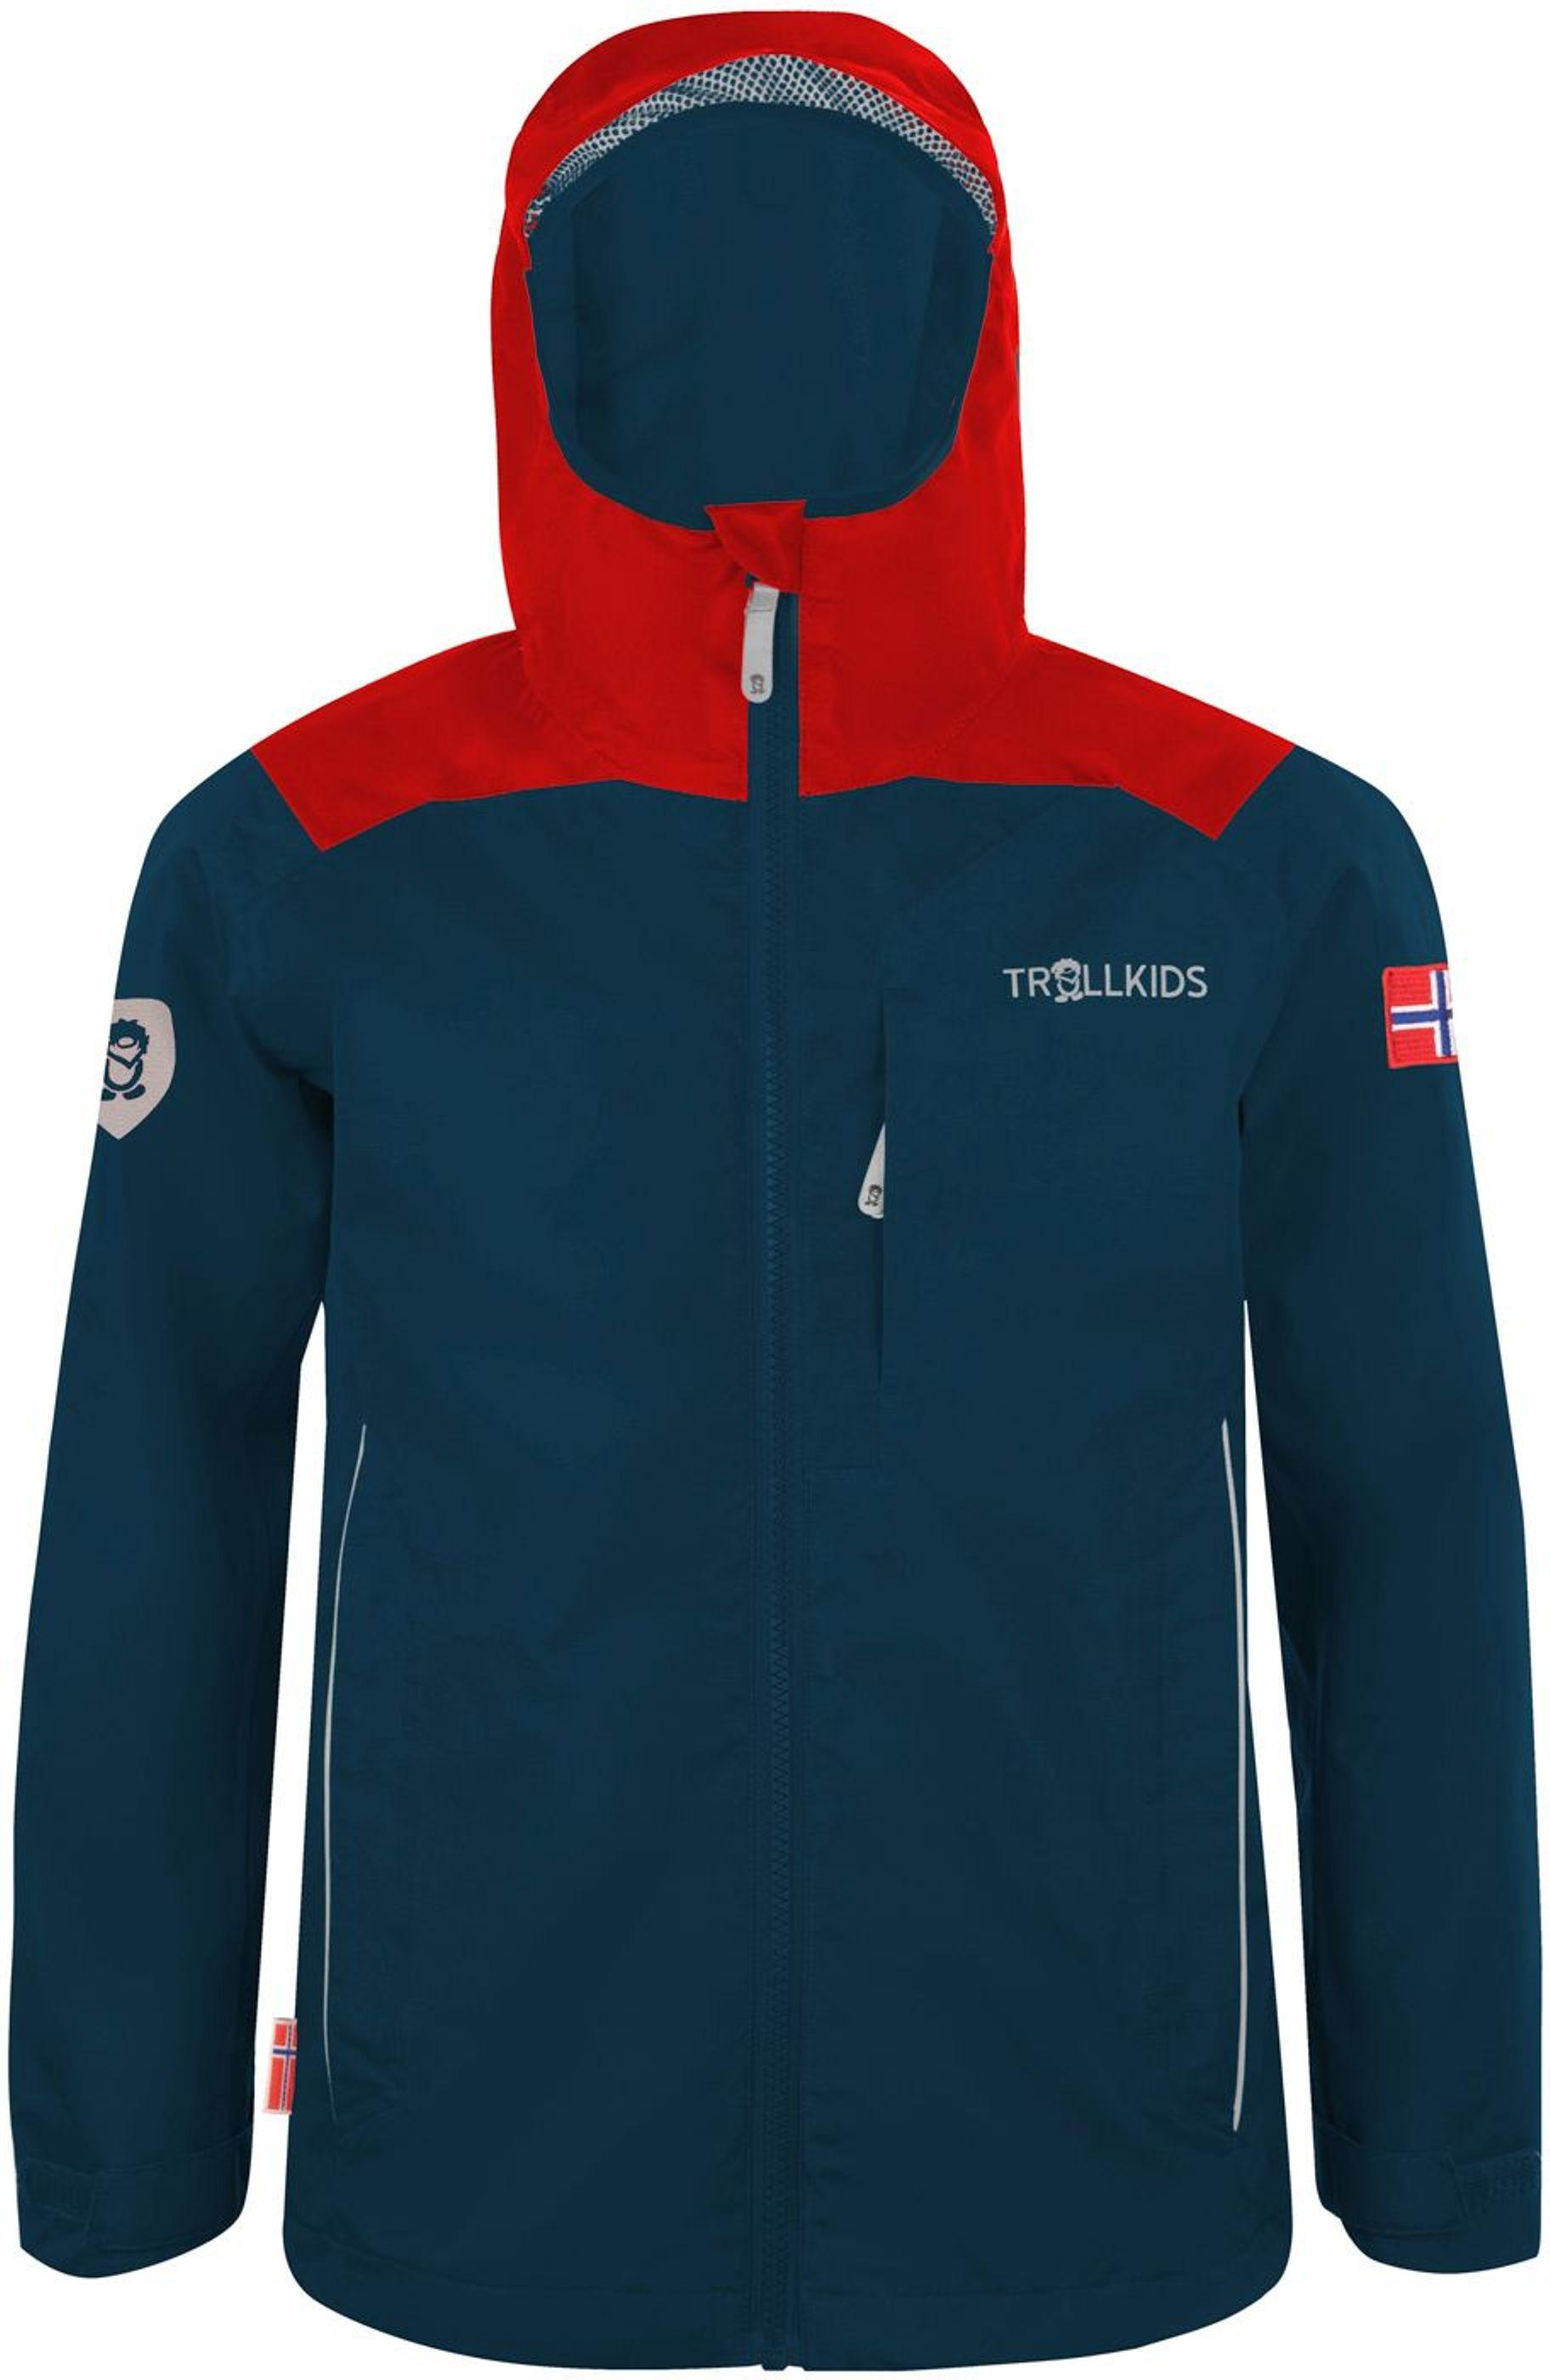 Trollkids Bergen Regenjacke bright red/mystic blue